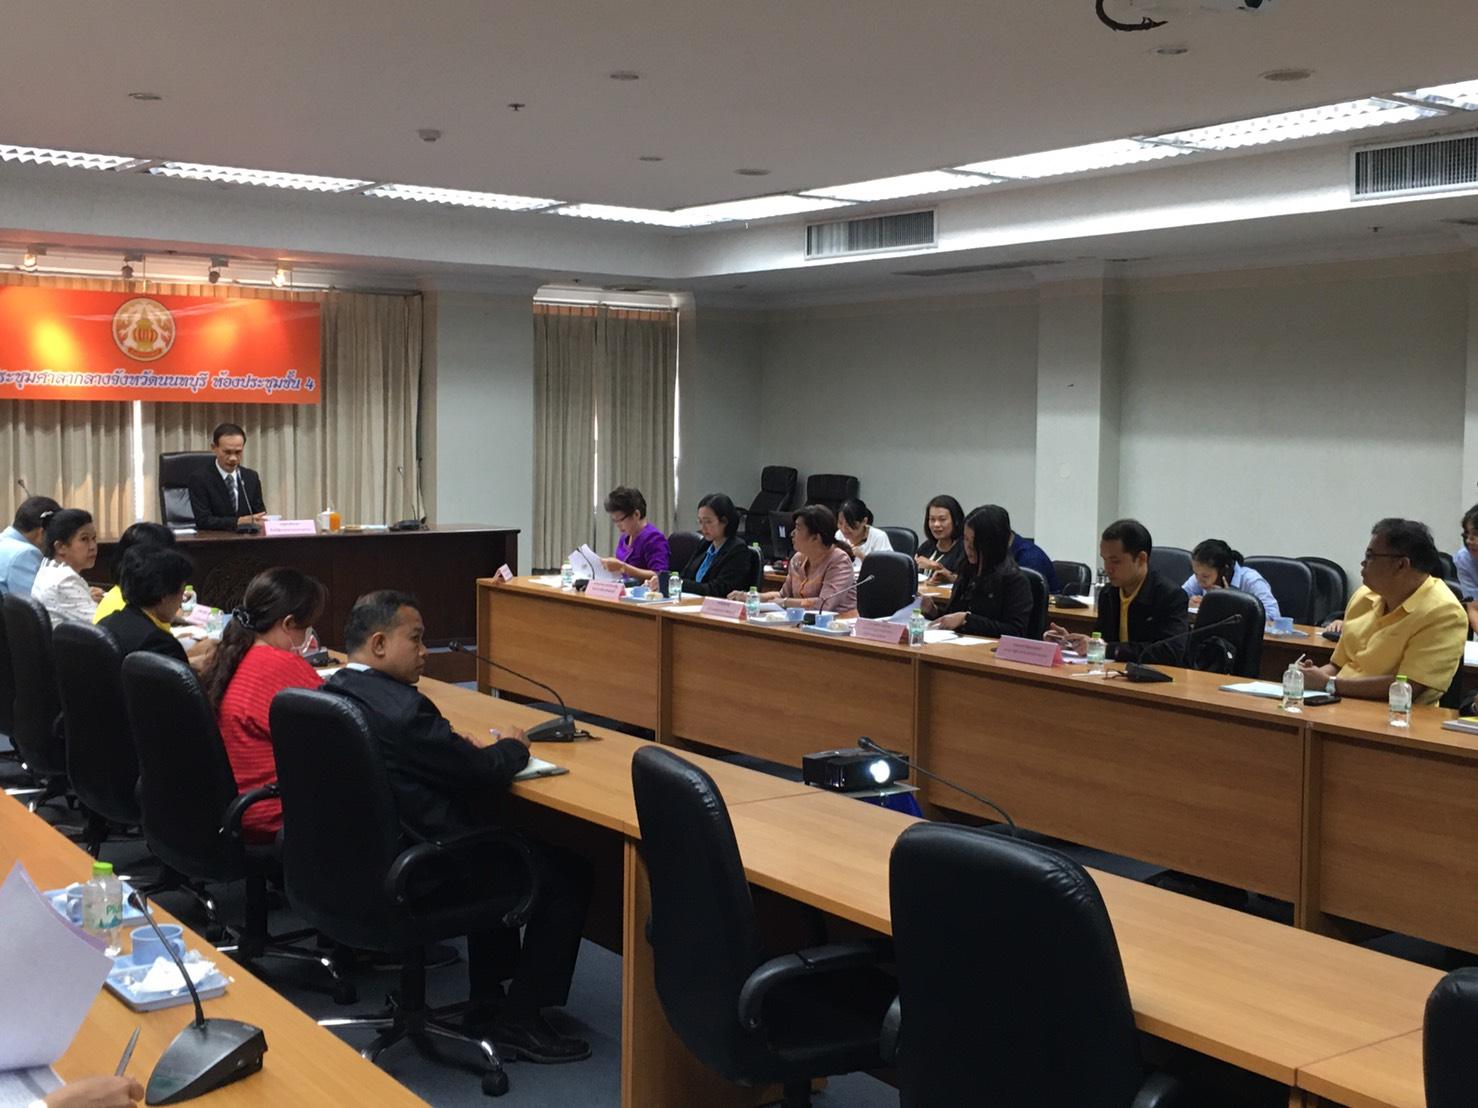 สำนักงานแรงงานจังหวัดนนทบุรีจัดประชุมหัวหน้าส่วนราชการสังกัดกระทรวงแรงงานเพื่อติดตามผลการปฏิบัติงาน ตามประเด็นแผนการตรวจราชการของผู้ตรวจราชการกระทรวงแรงงานประจำปีงบประมาณ พ.ศ.2563 รอบที่ 2 ของผู้ตรวจราชการกระทรวงแรงงาน